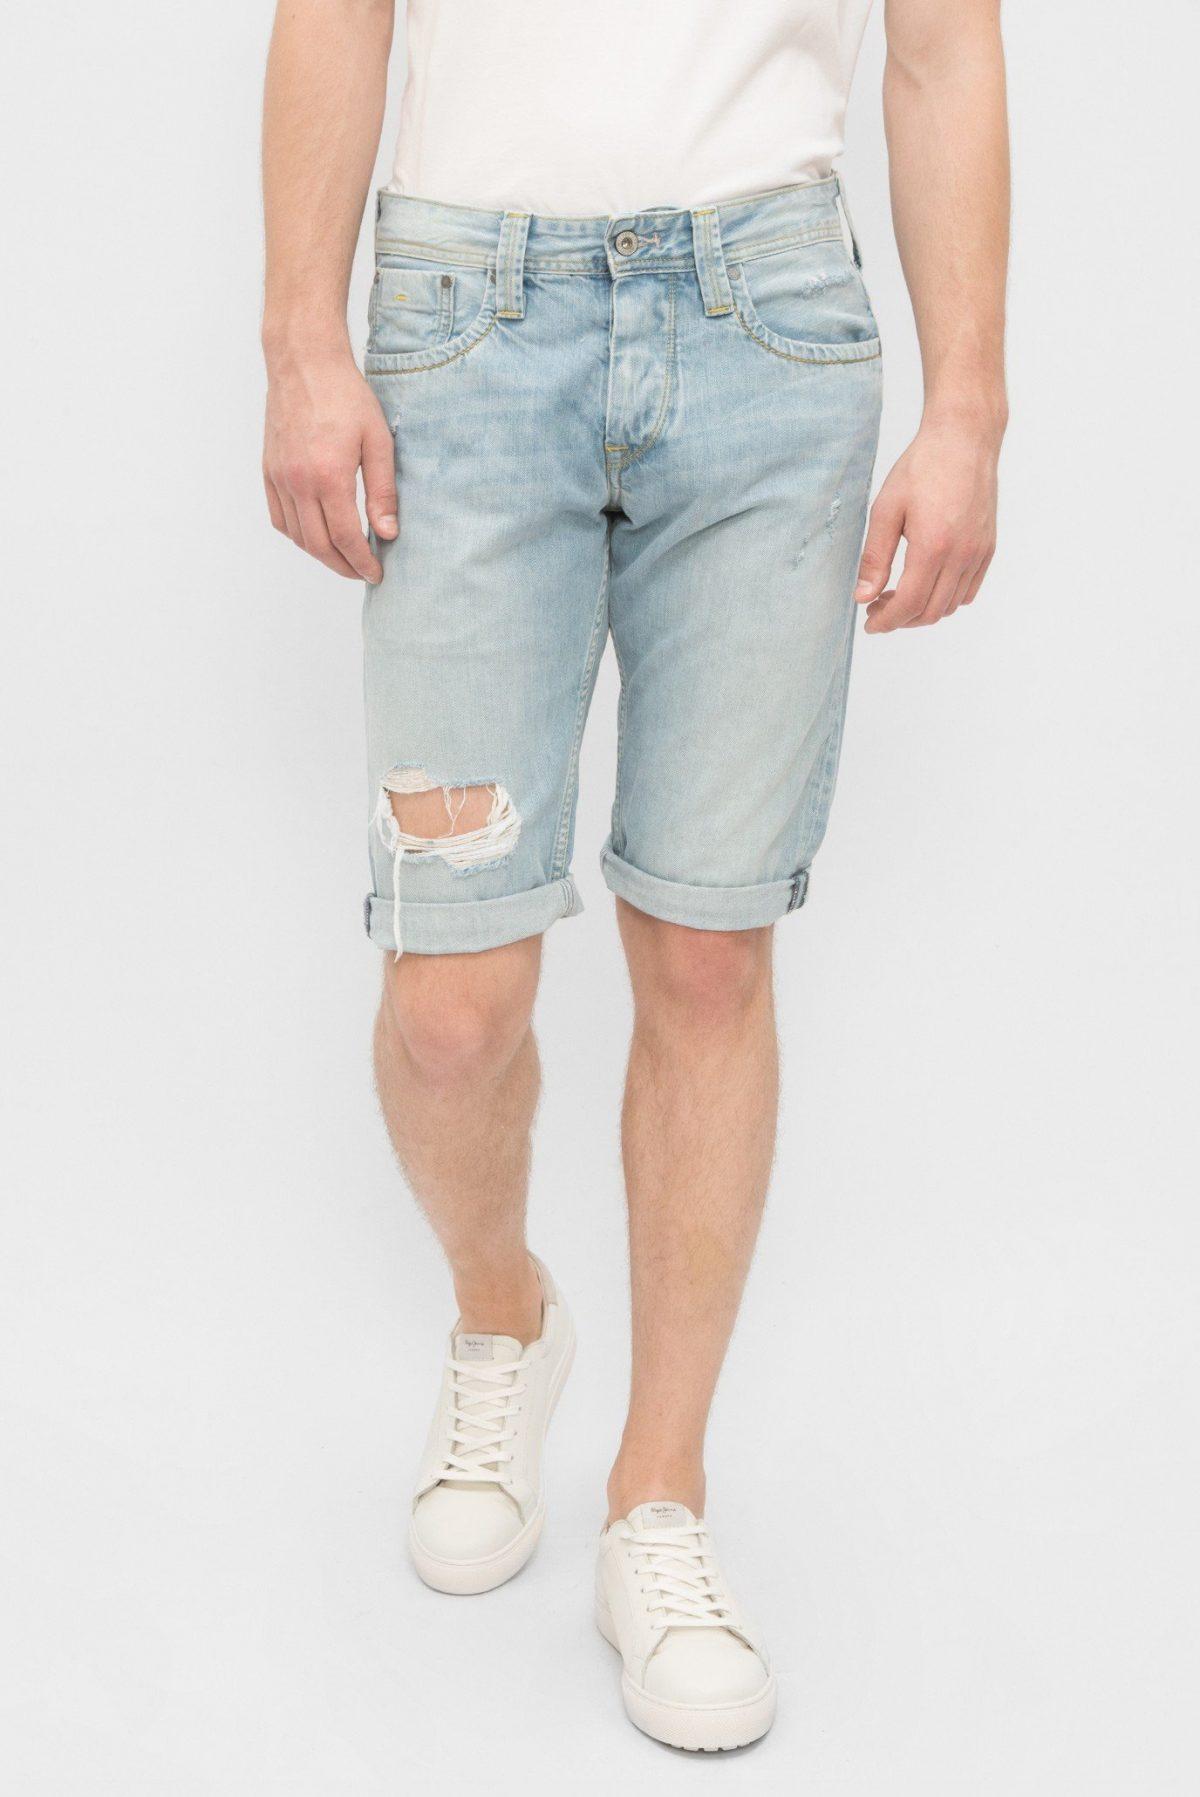 мужская мода 2018 весна лето: шорты голубые рваные